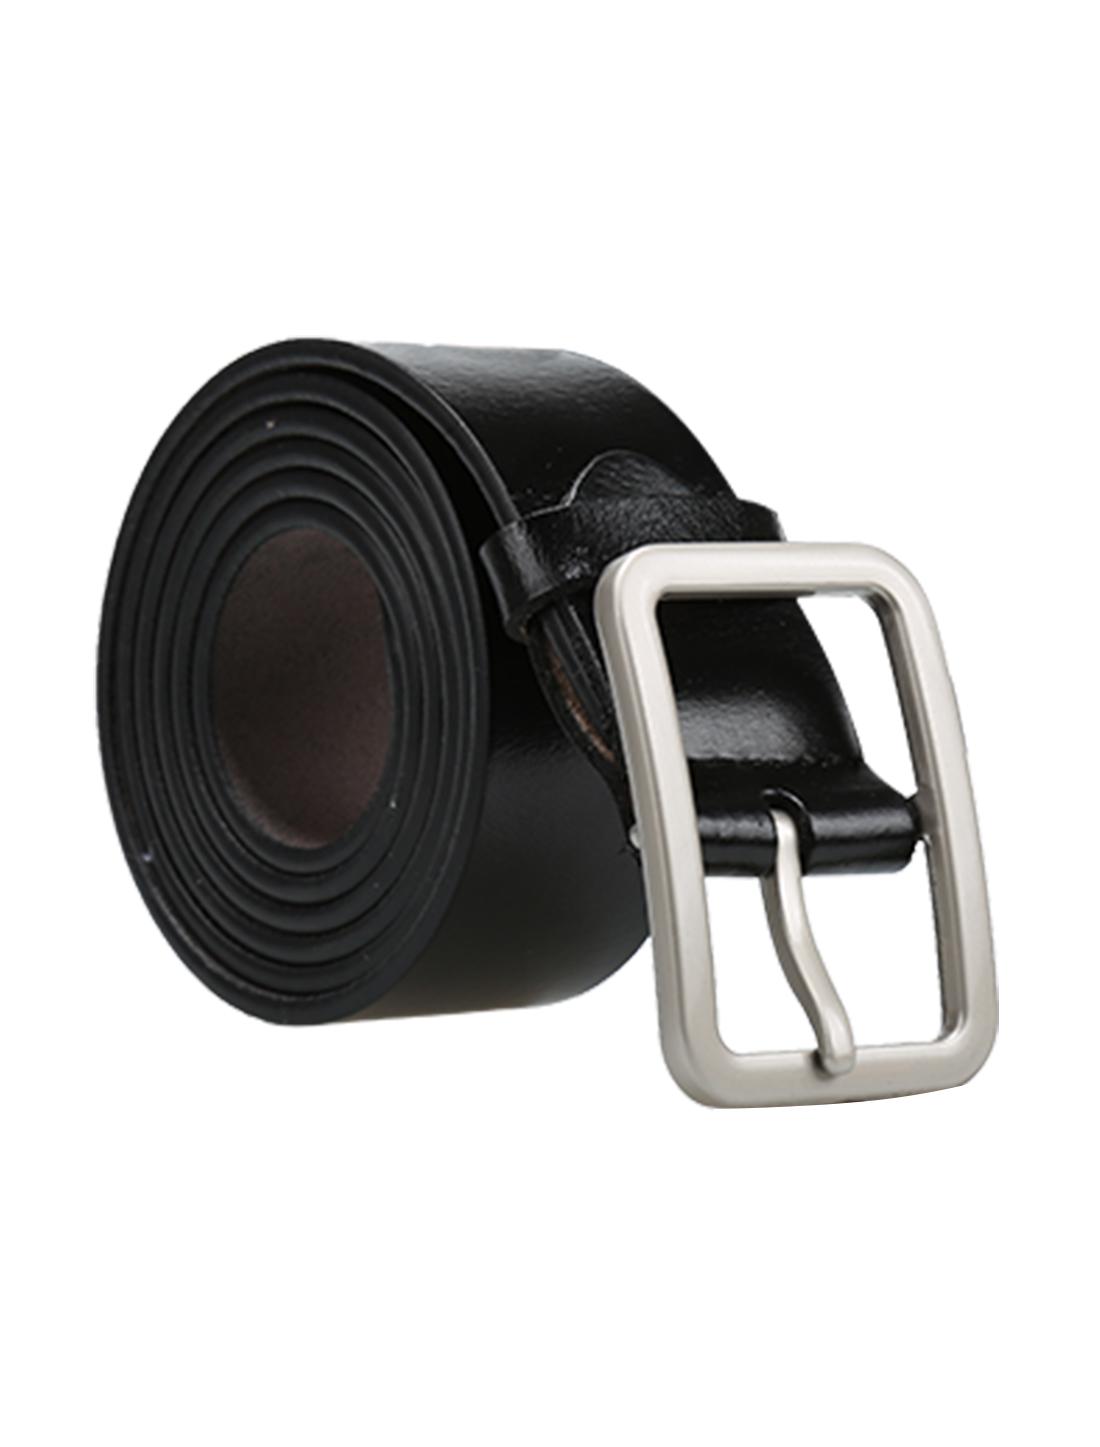 Men Casual Single Pin Buckle Leather Belt 33mm Width 1 1/4 Black 115cm